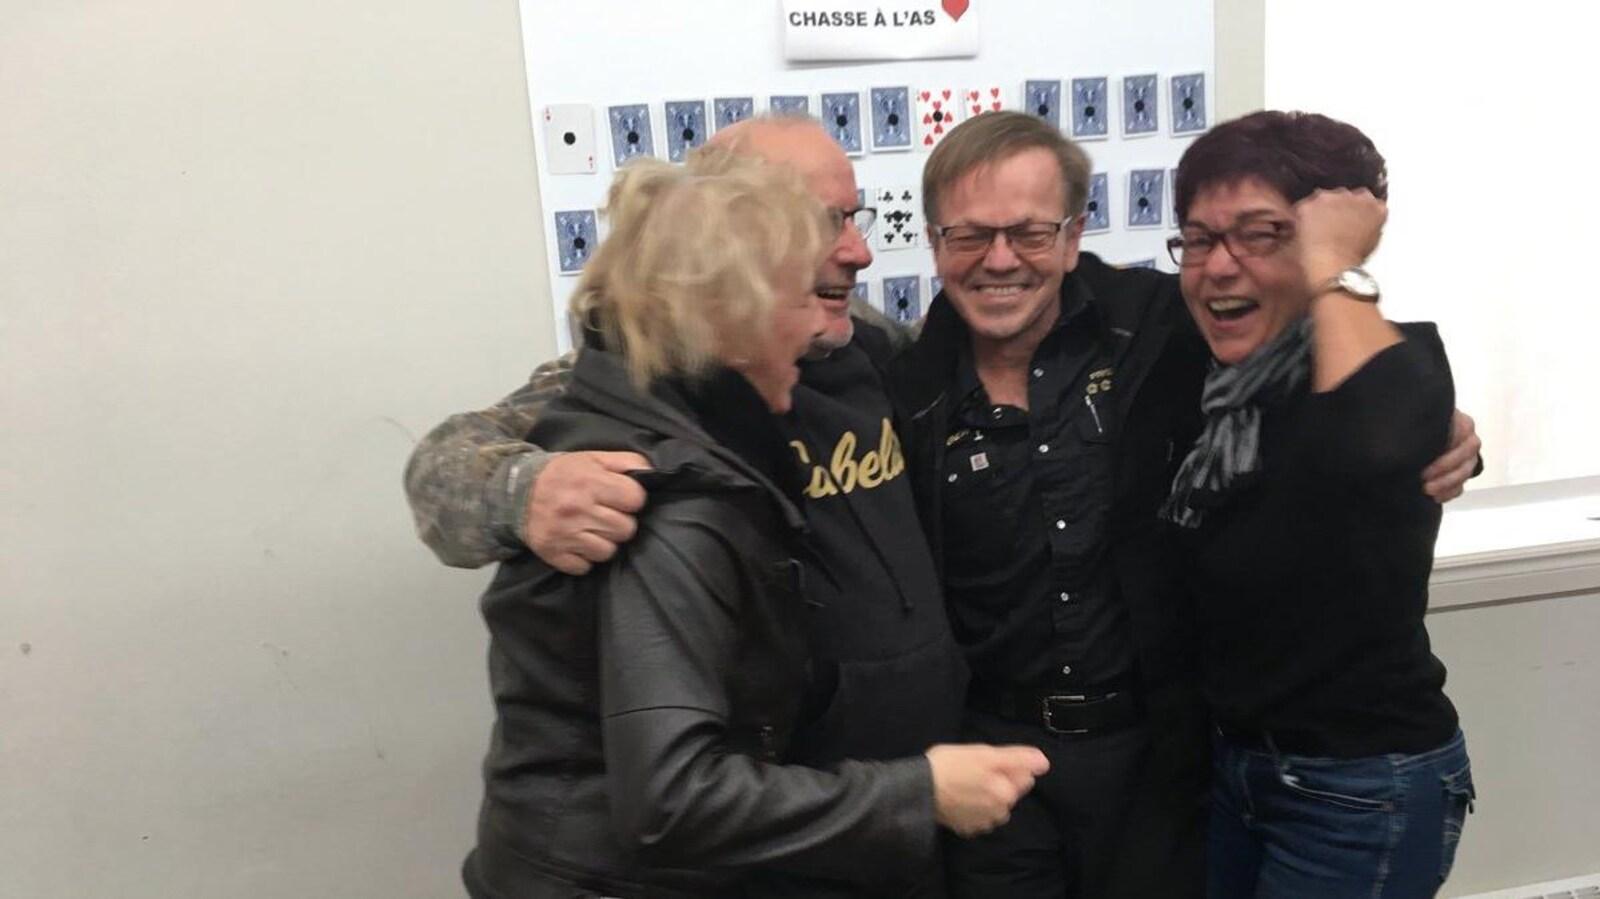 Jacques Perron et Roger Boudreau célèbrent leur gain en compagnie de leurs épouses